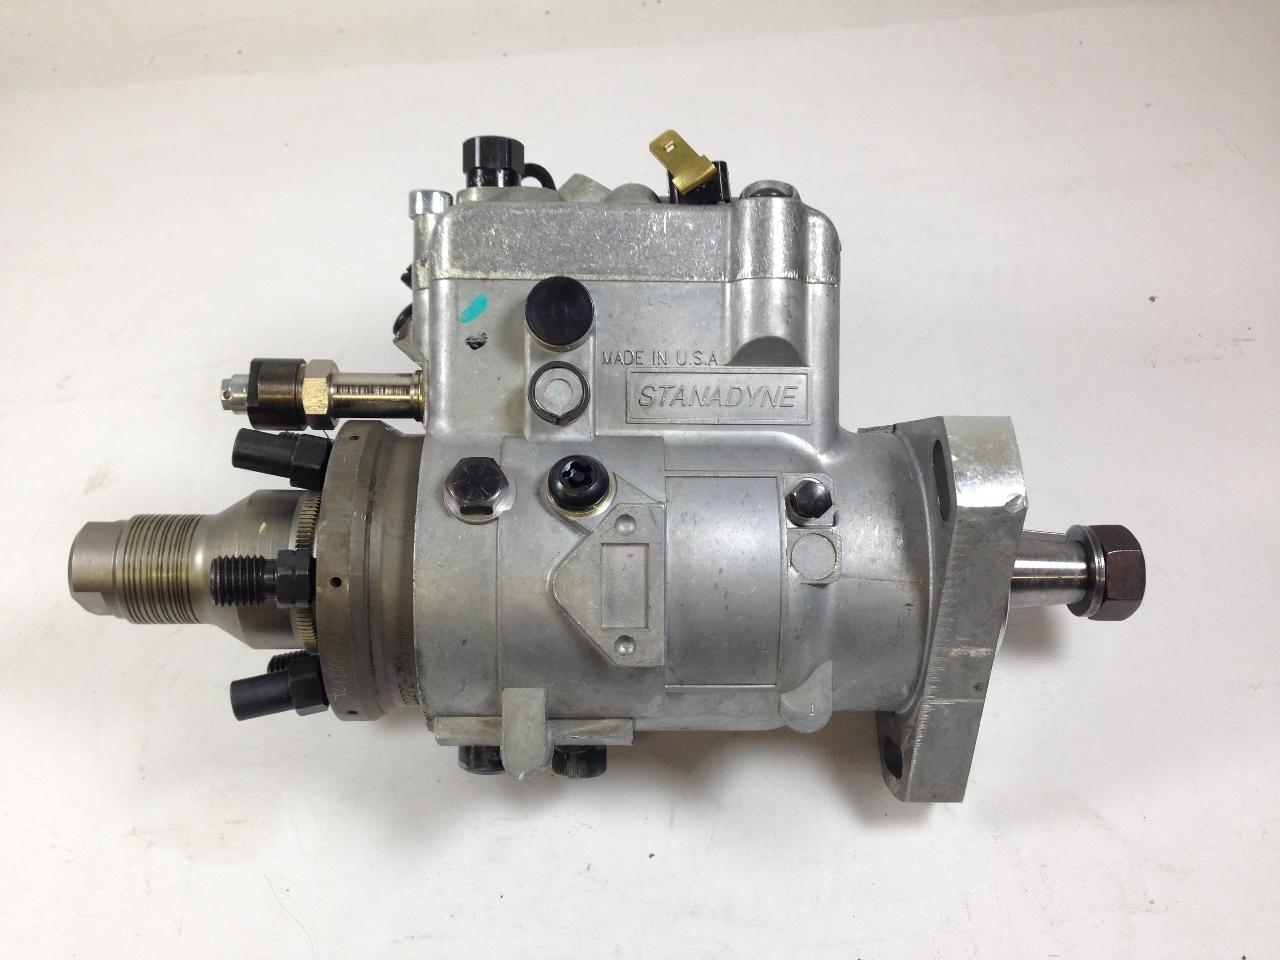 John Deere Injection Pump Parts : John deere re fuel injection pump s ebay